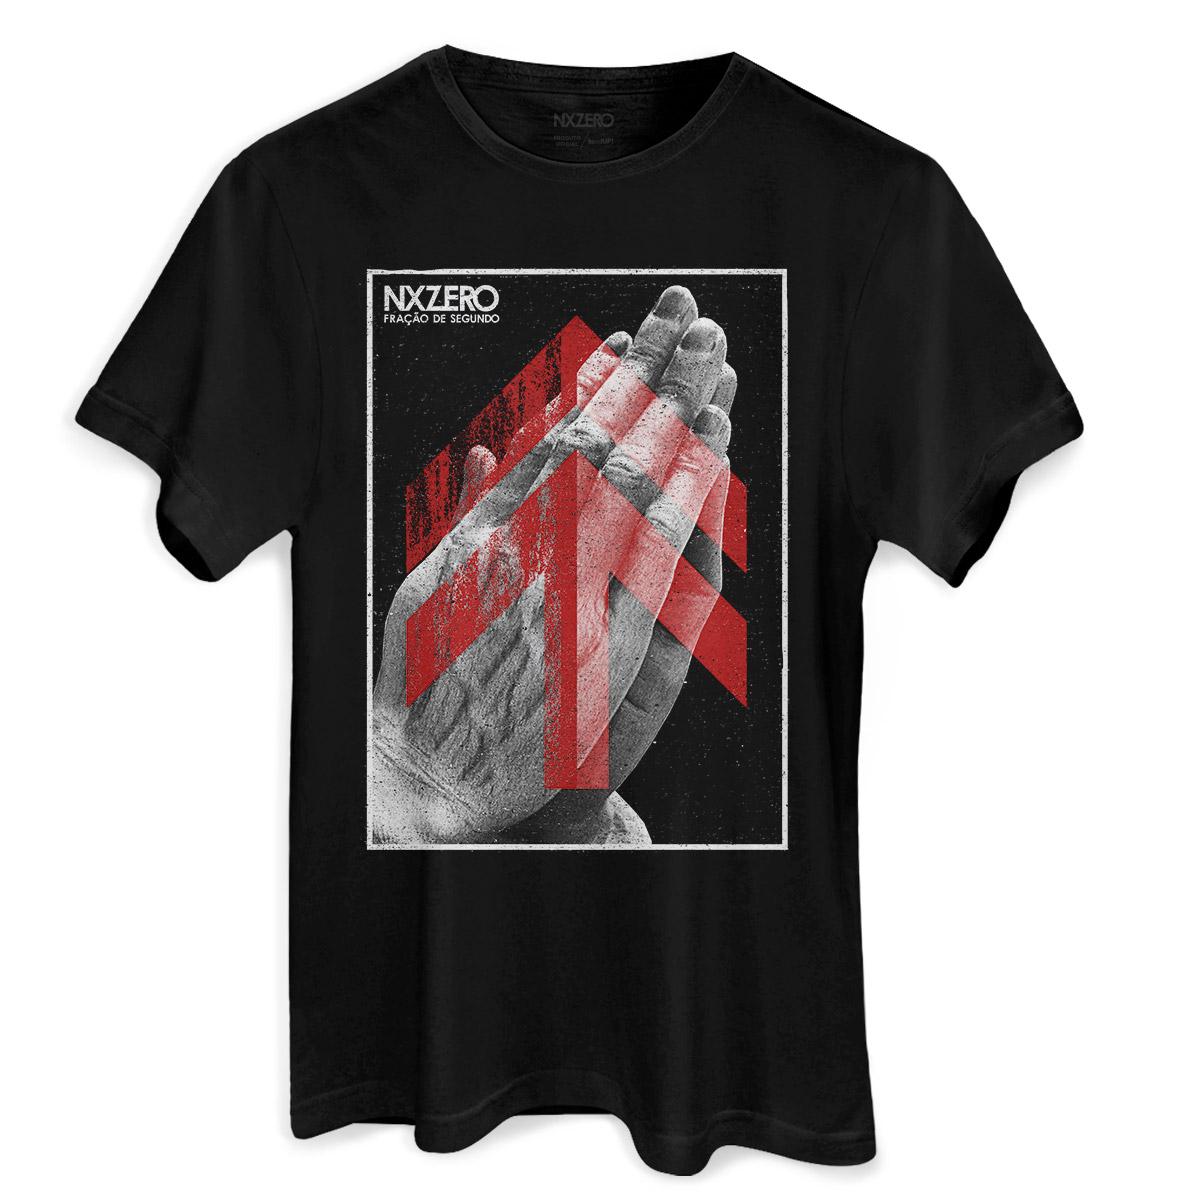 Camiseta Masculina NXZero Fra��o de Segundo